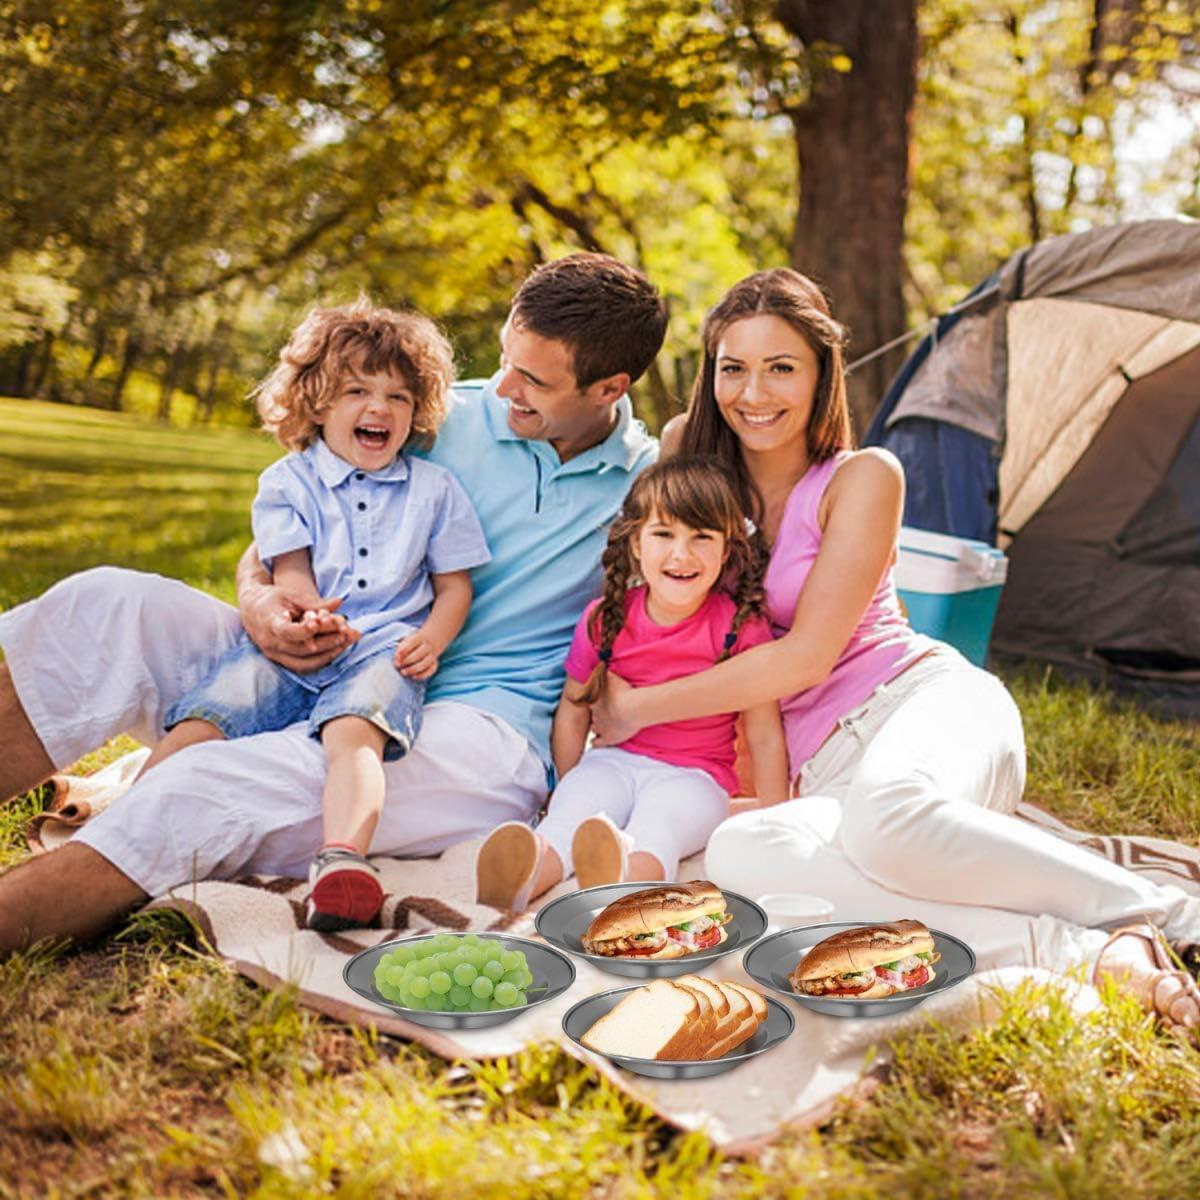 22cm Bisgear 6 St/ück Edelstahl Teller Braten Abendessen Campingteller Campinggeschirr